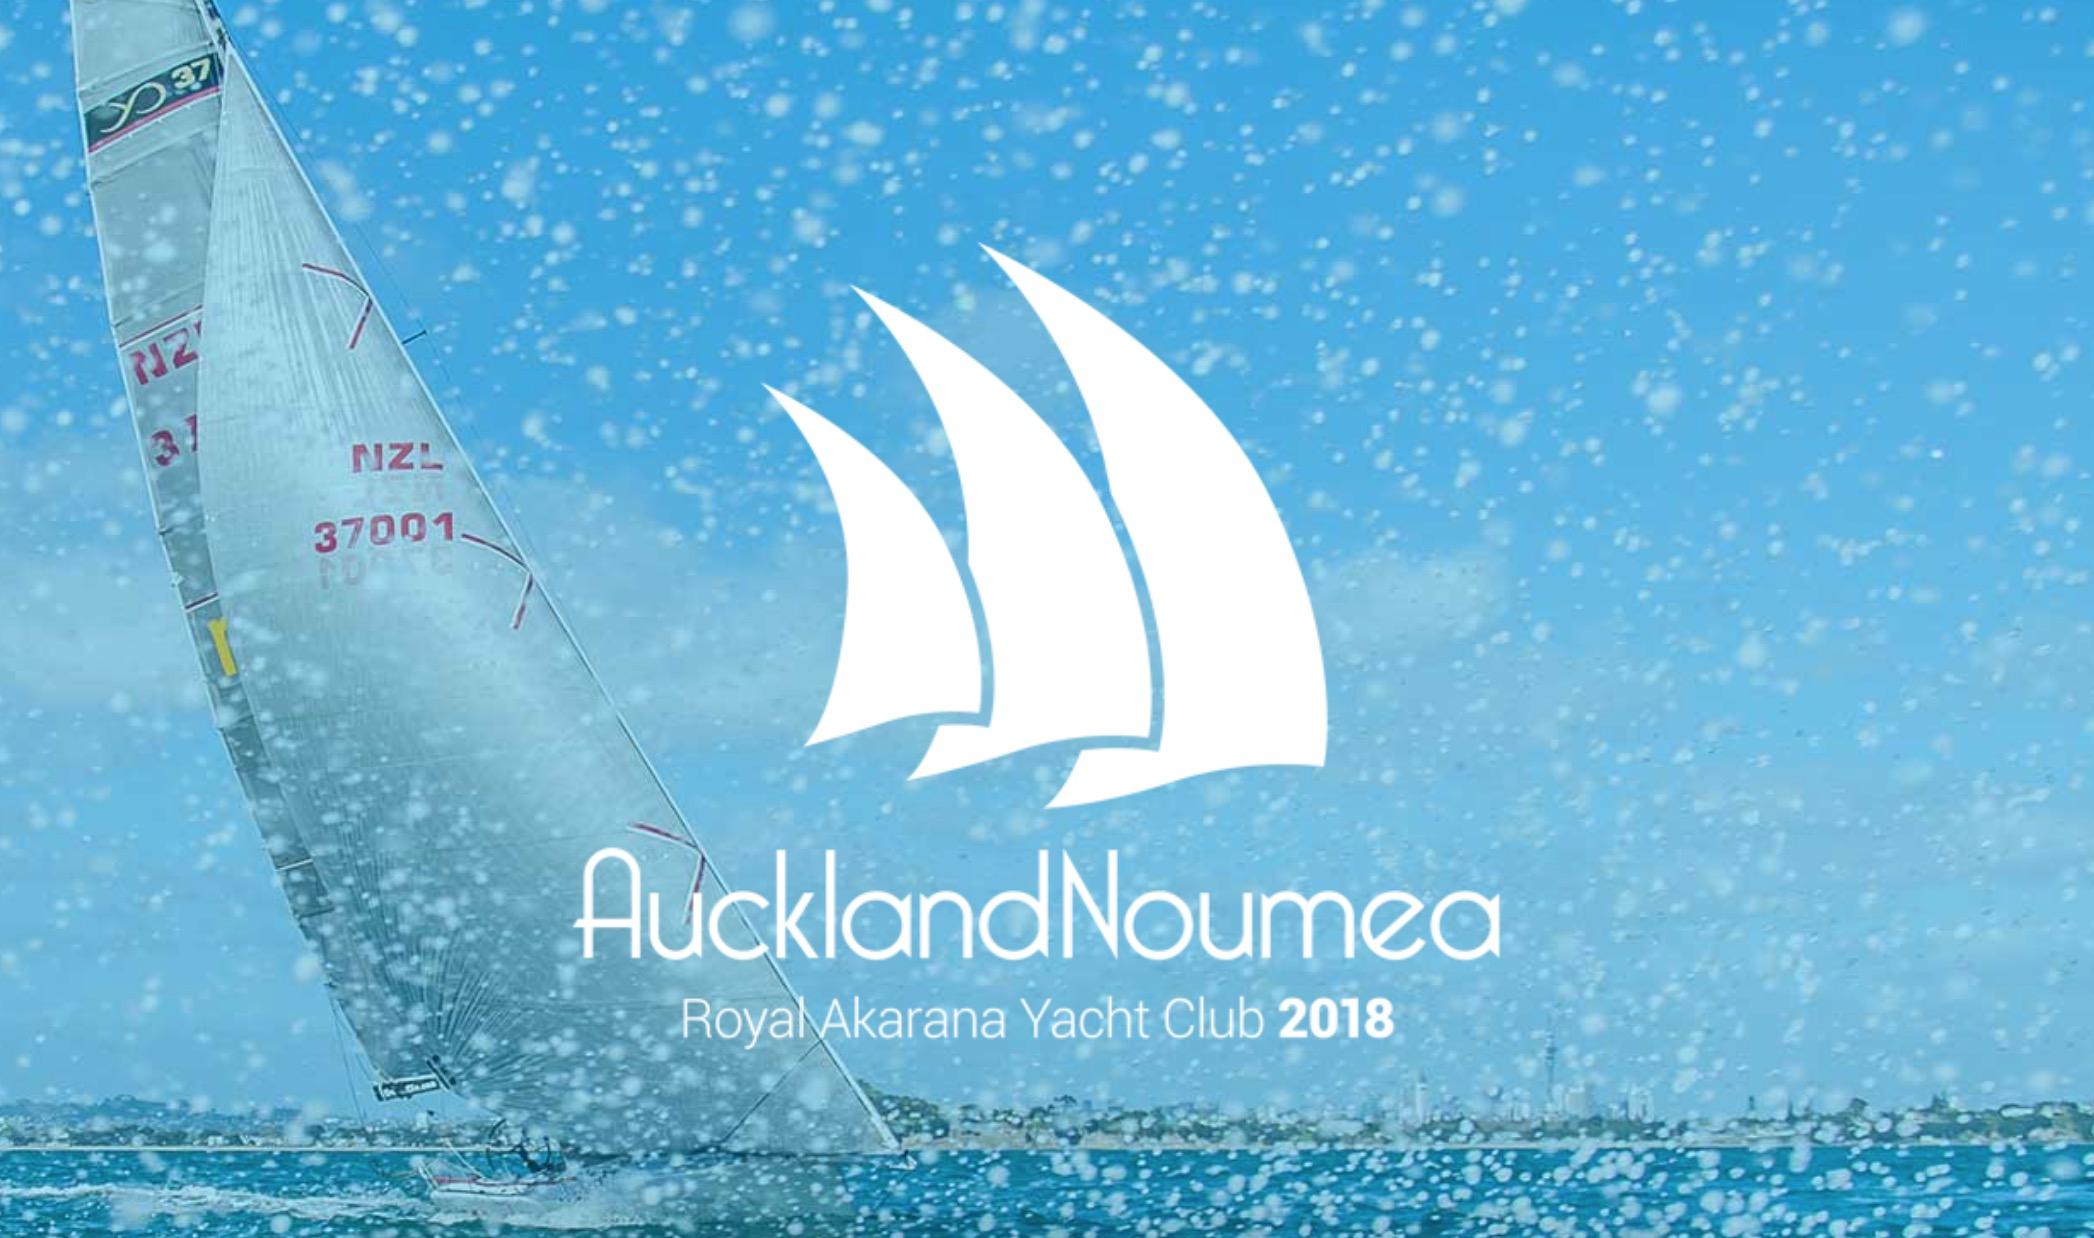 Royal Akarana Yacht Club launches Auckland Noumea Yacht Race 2018